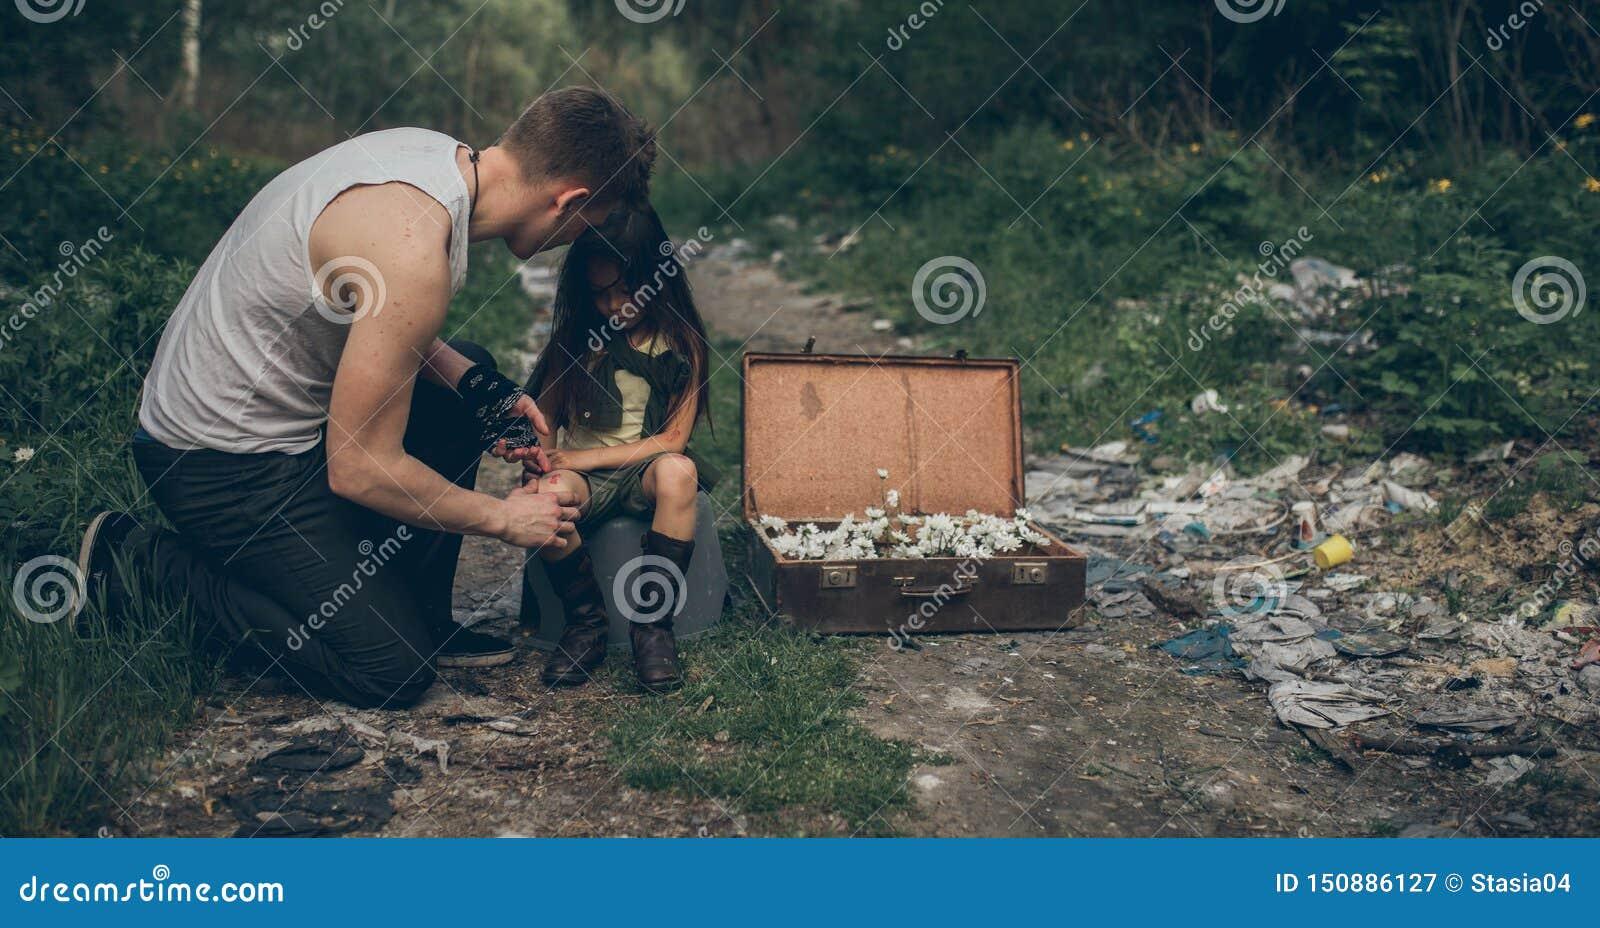 Il padre e la figlia senza tetto sono nella discarica accanto ad una valigia con i fiori dentro